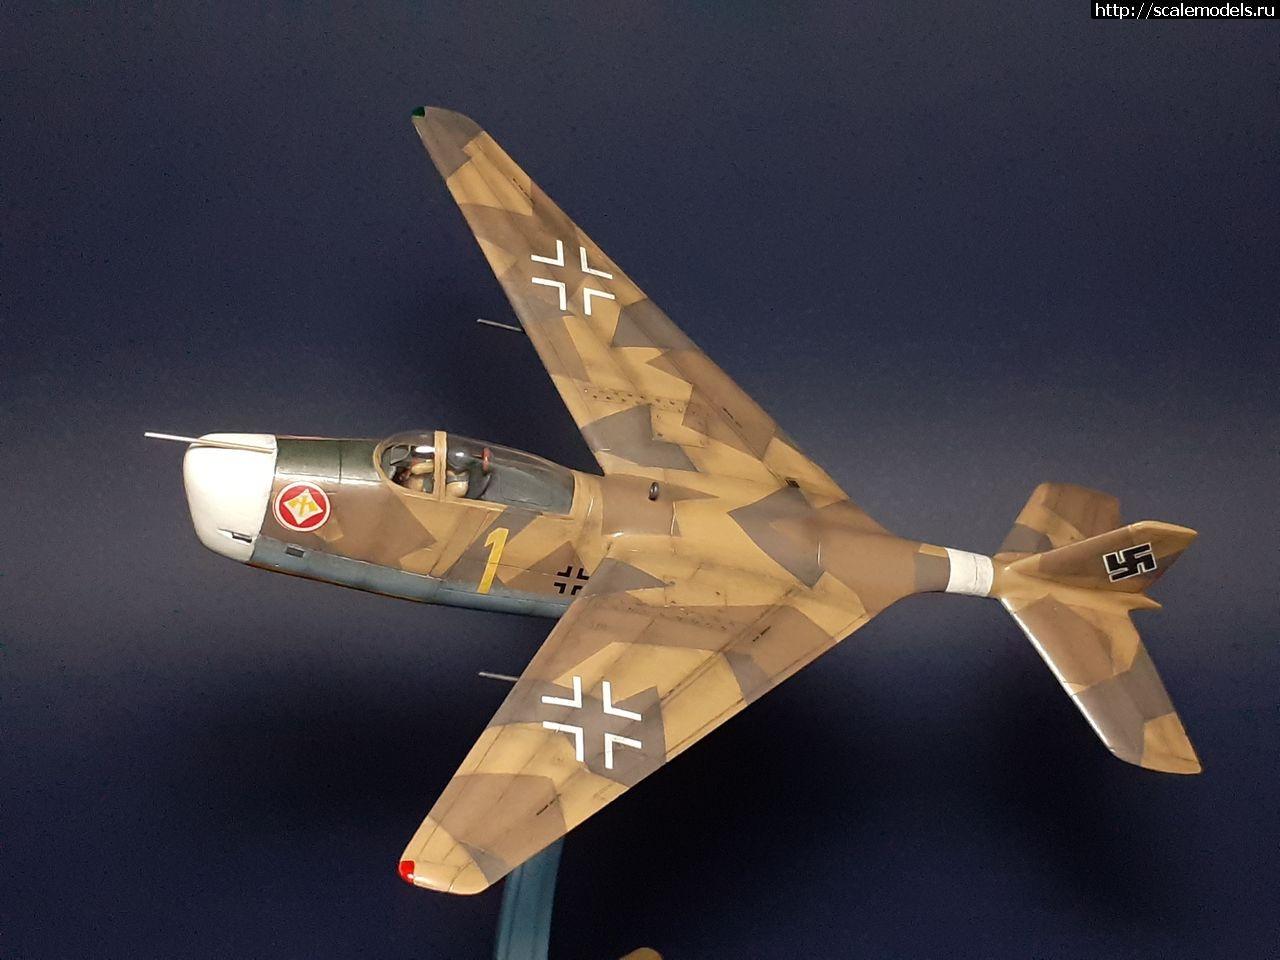 #1651365/ Blohm & Voss BV P.209.02 1:72 Airmodel (ГОТОВО) Закрыть окно